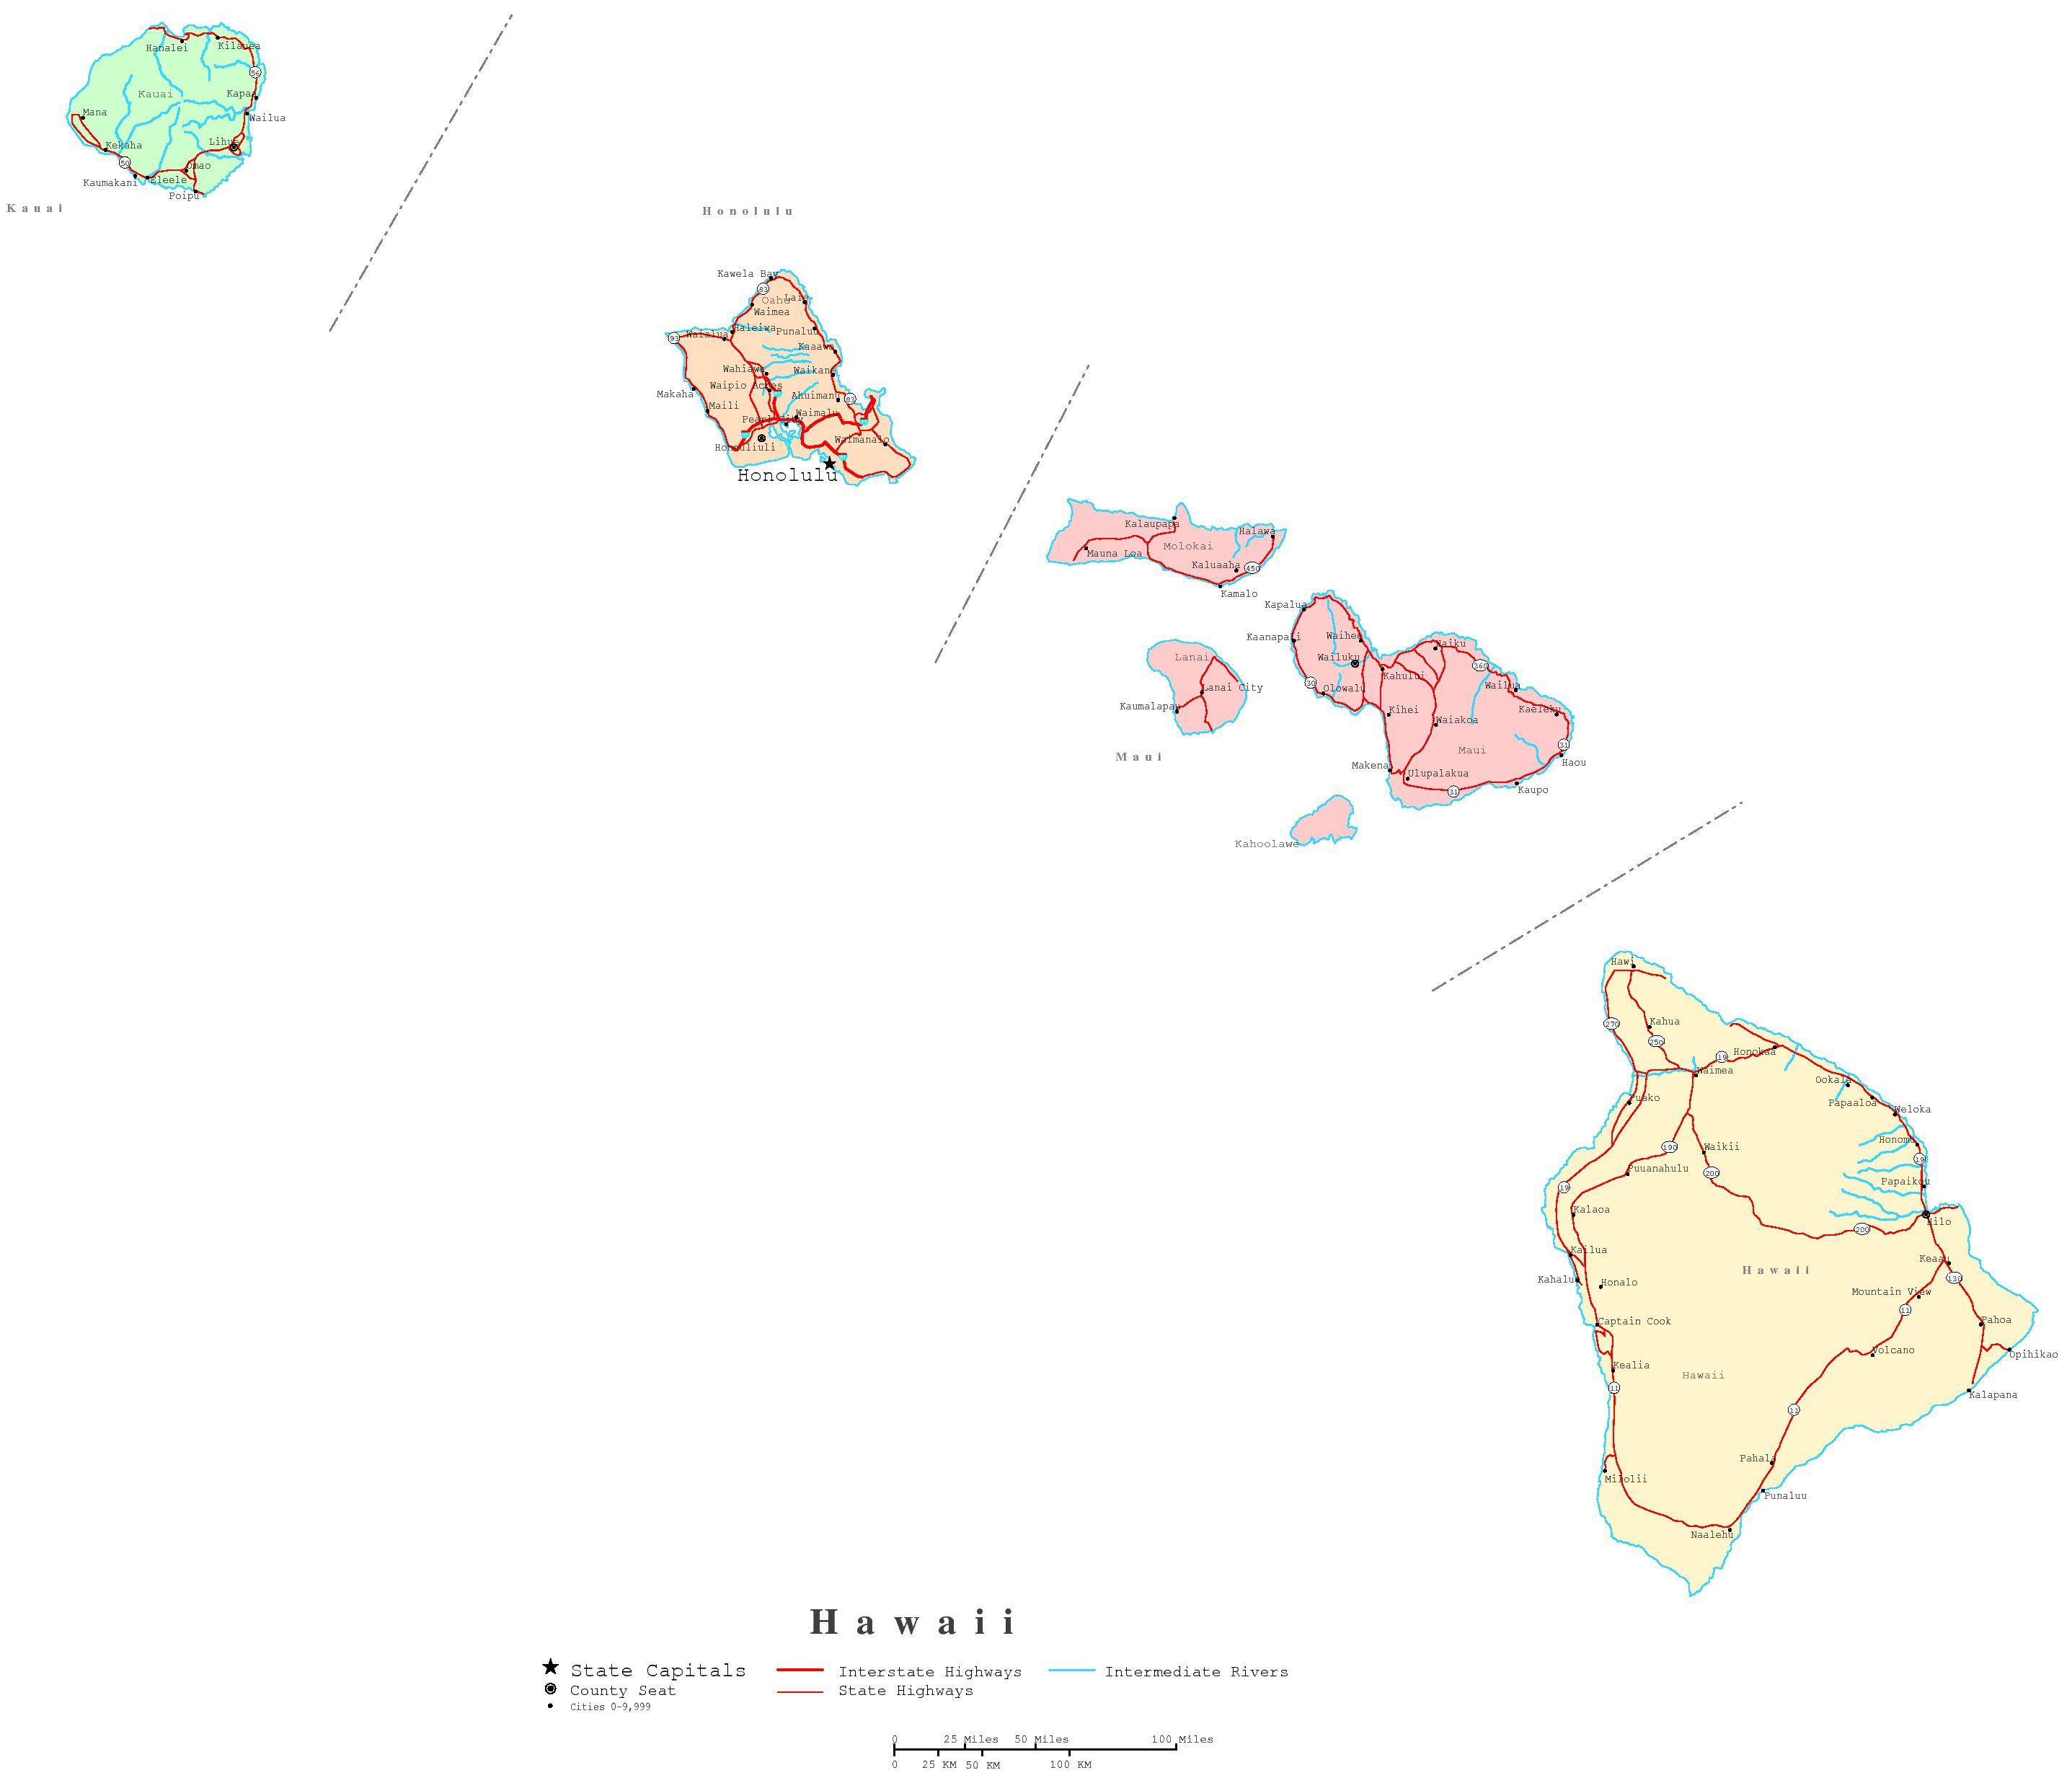 Blank Map Of Hawaiian Islands Hawaii Printable Map